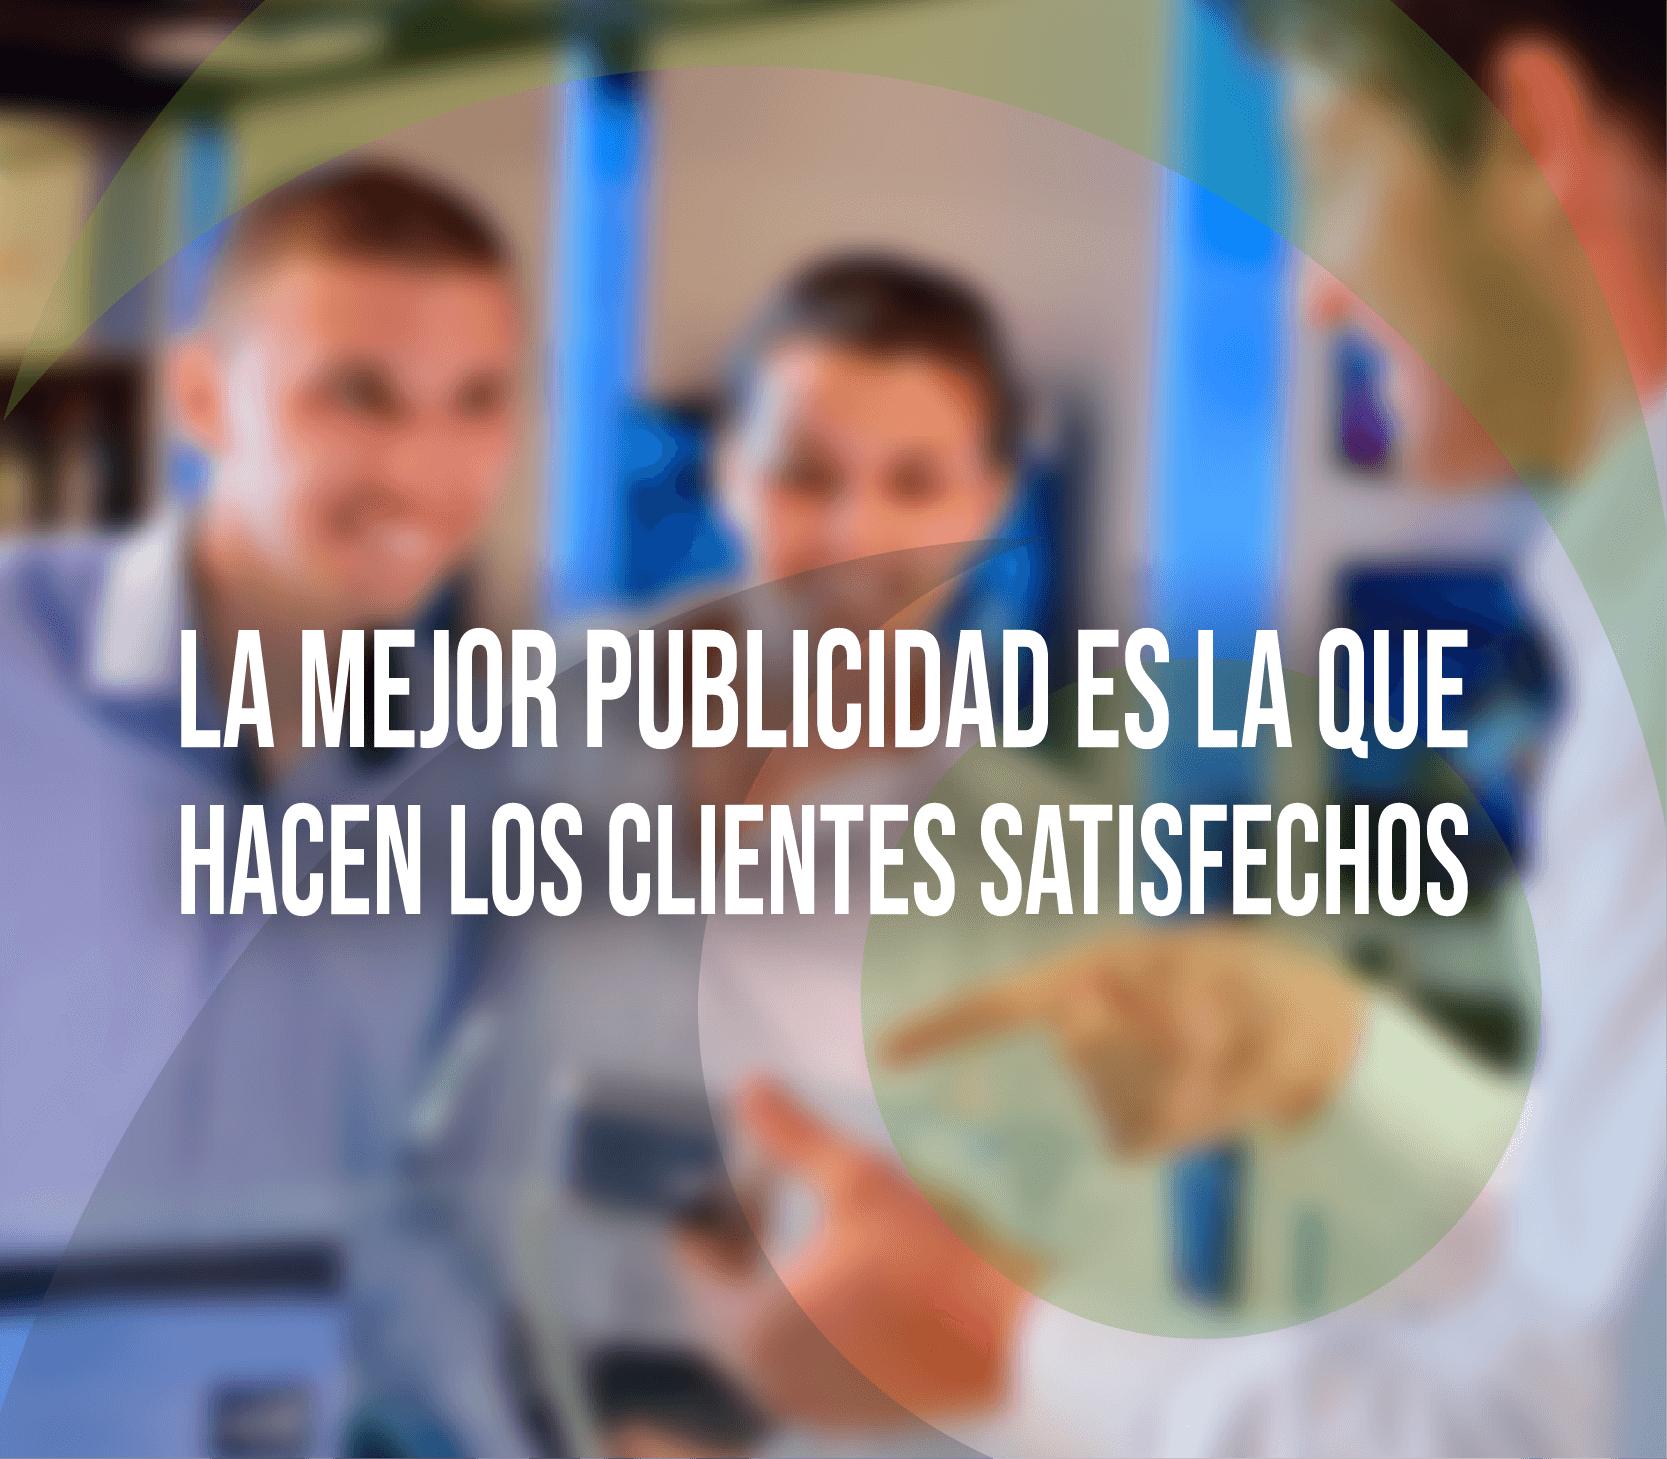 servicio-al-cliente-cursos-capacitacion-empresas-ideasgroup-quito-ecuador